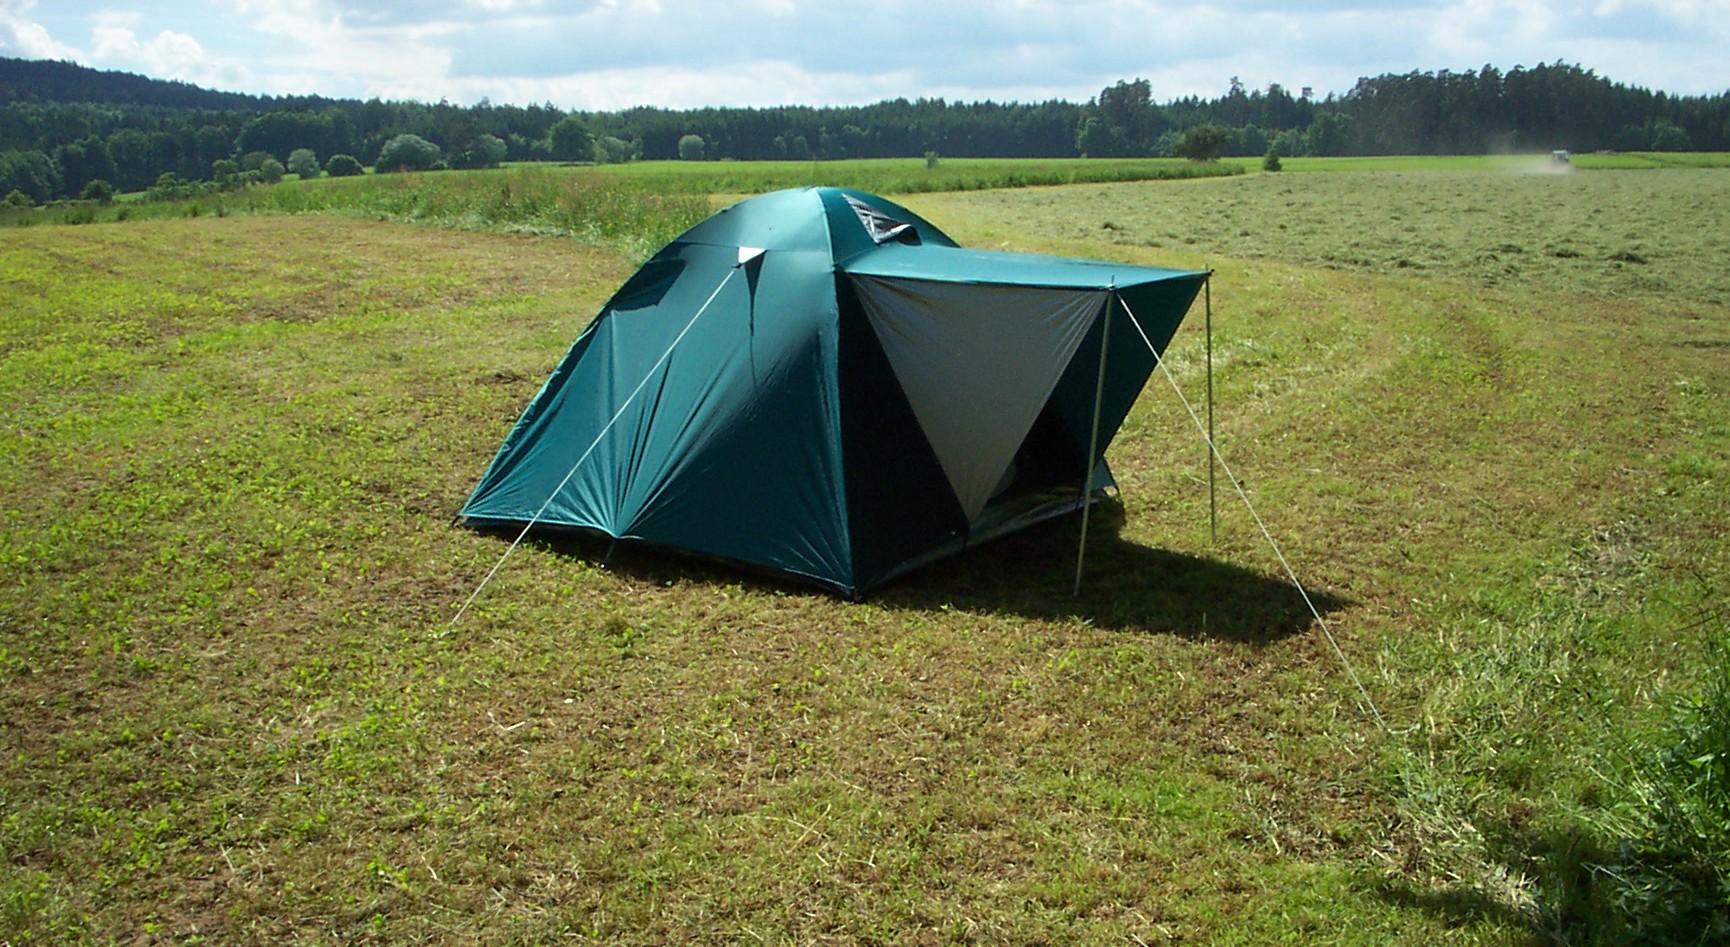 Zelt auf Wiese.jpg